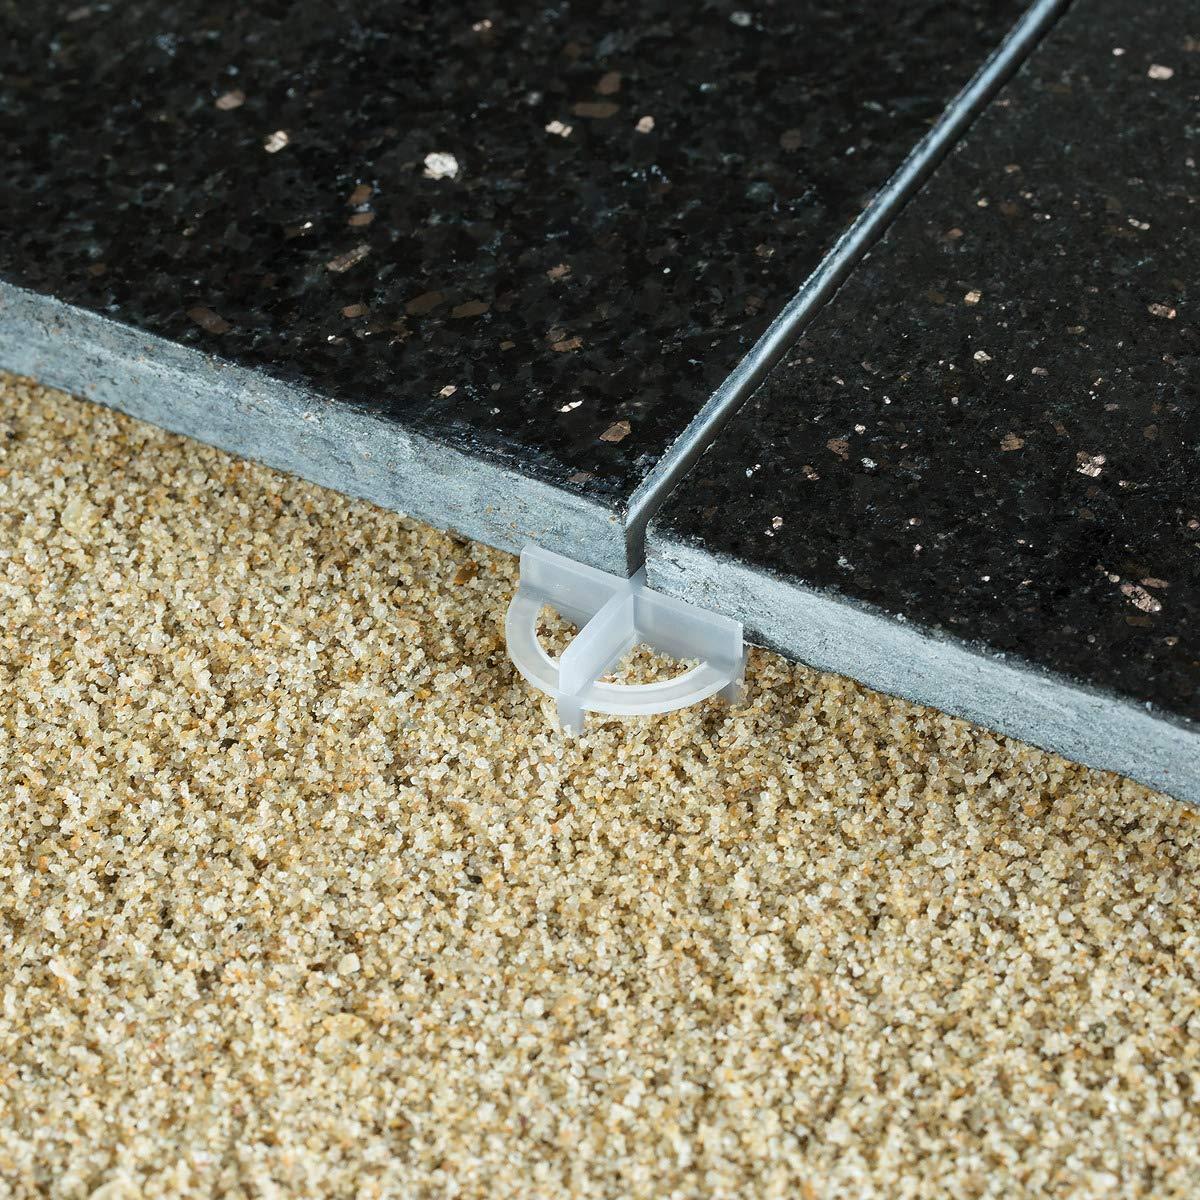 100 St/ück Beton- und Terrassenplatten Navaris Wiederverwendbare Fugenkreuze Abstandshalter aus Kunststoff f/ür Fliesen 28 mm x 28 mm x 1,5 cm